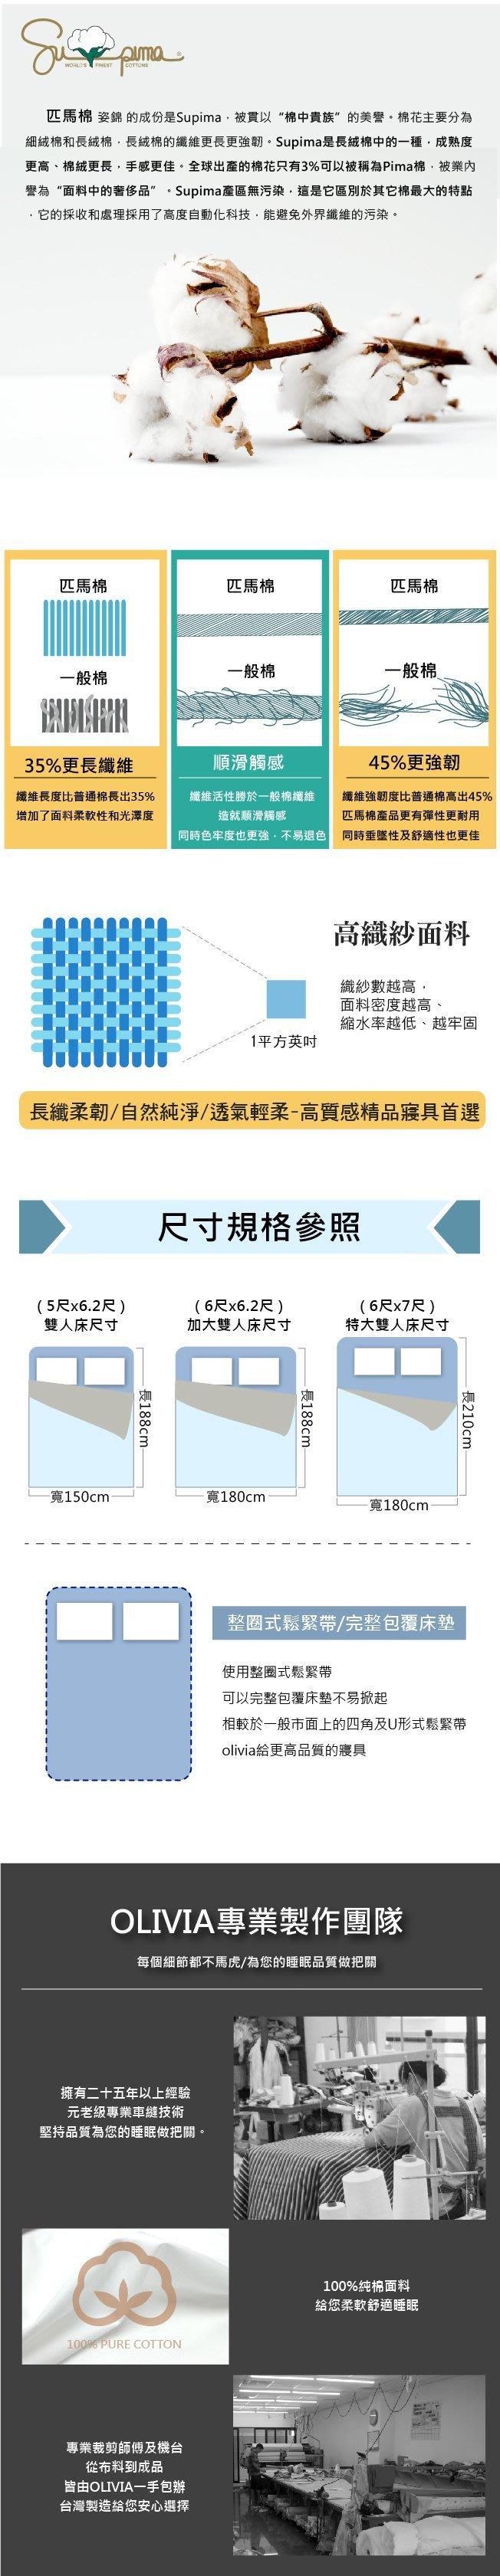 【特價出清】300織匹馬棉 / 5X6尺夏日涼被 【單品】 DR960 VESTA  都會簡約系列 台灣製